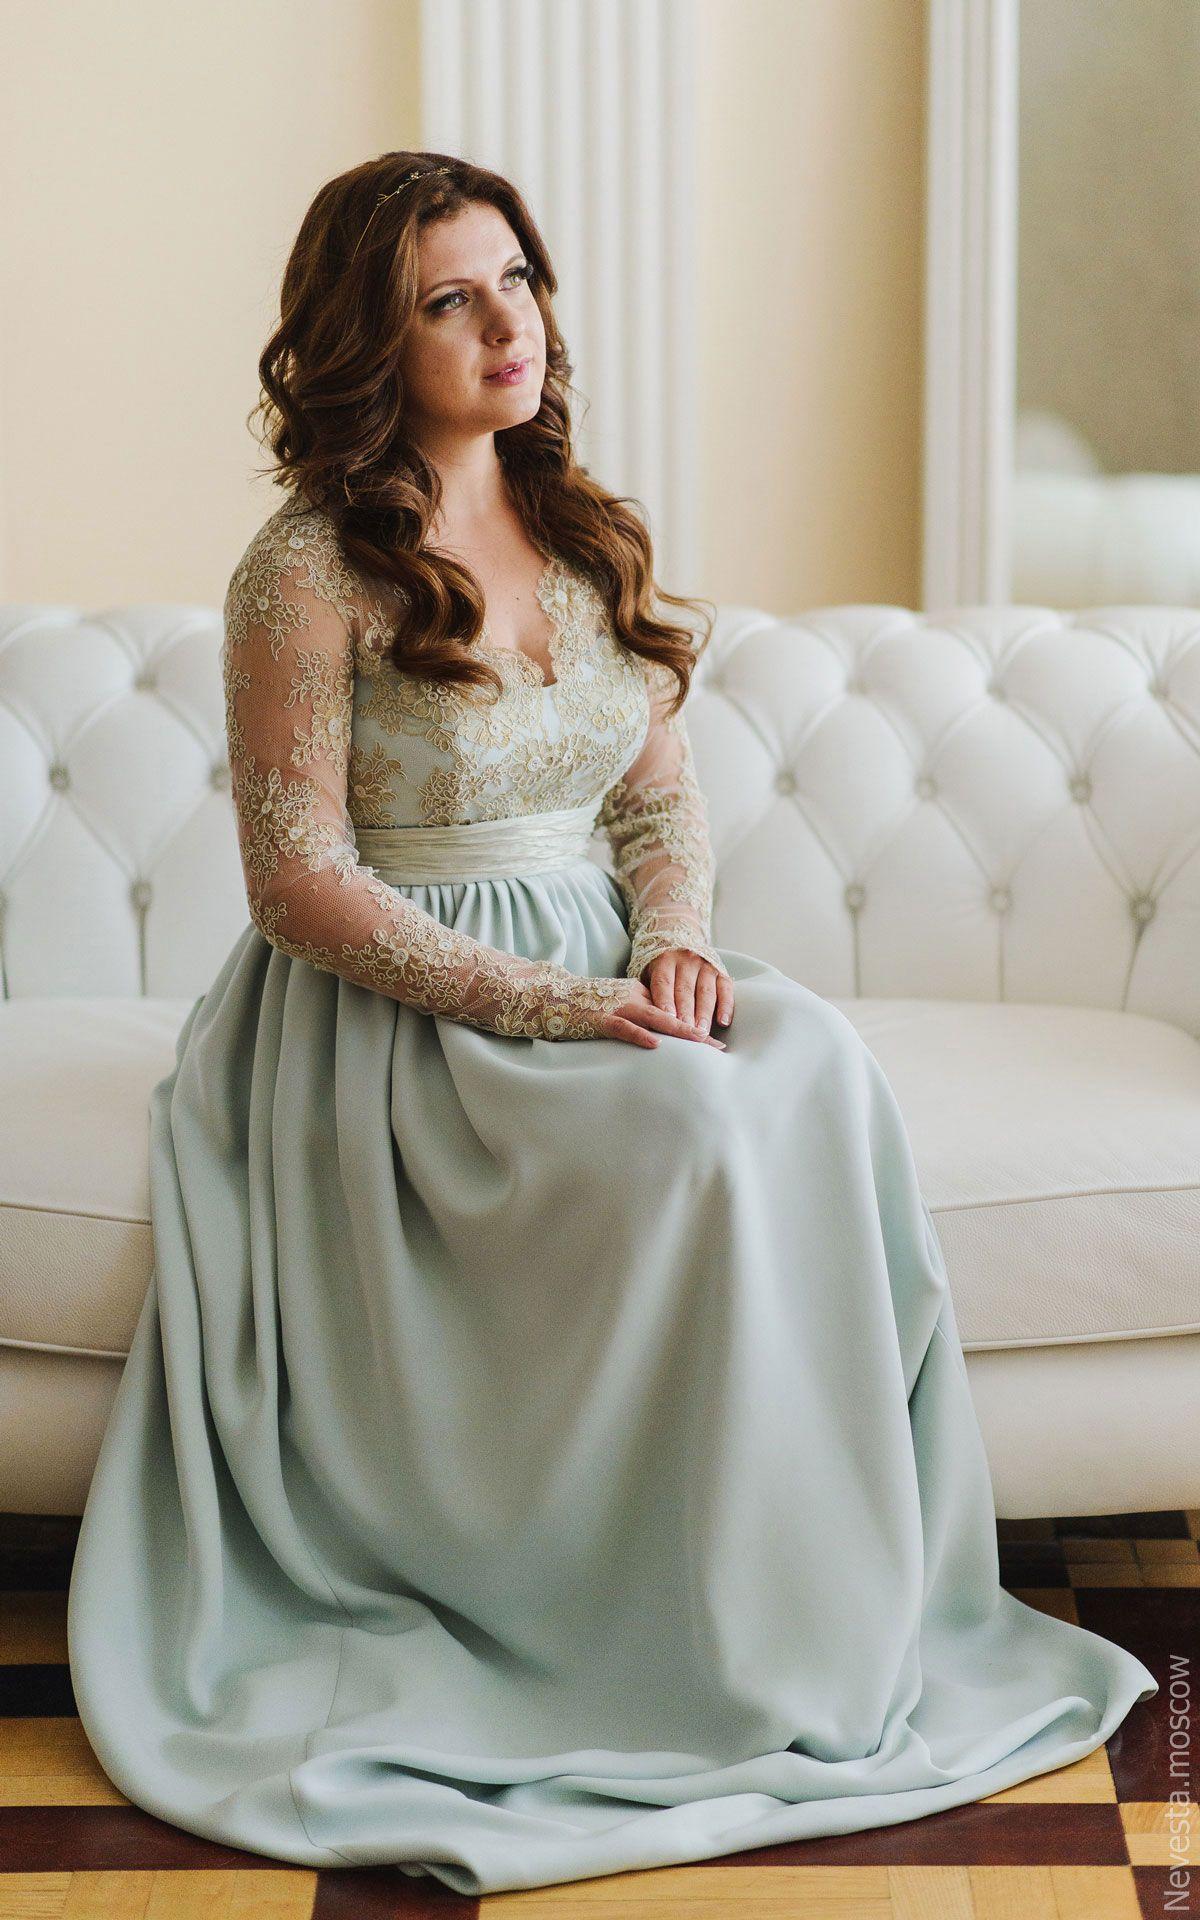 Анастасия Денисова примеряет свадебное платье фото 8